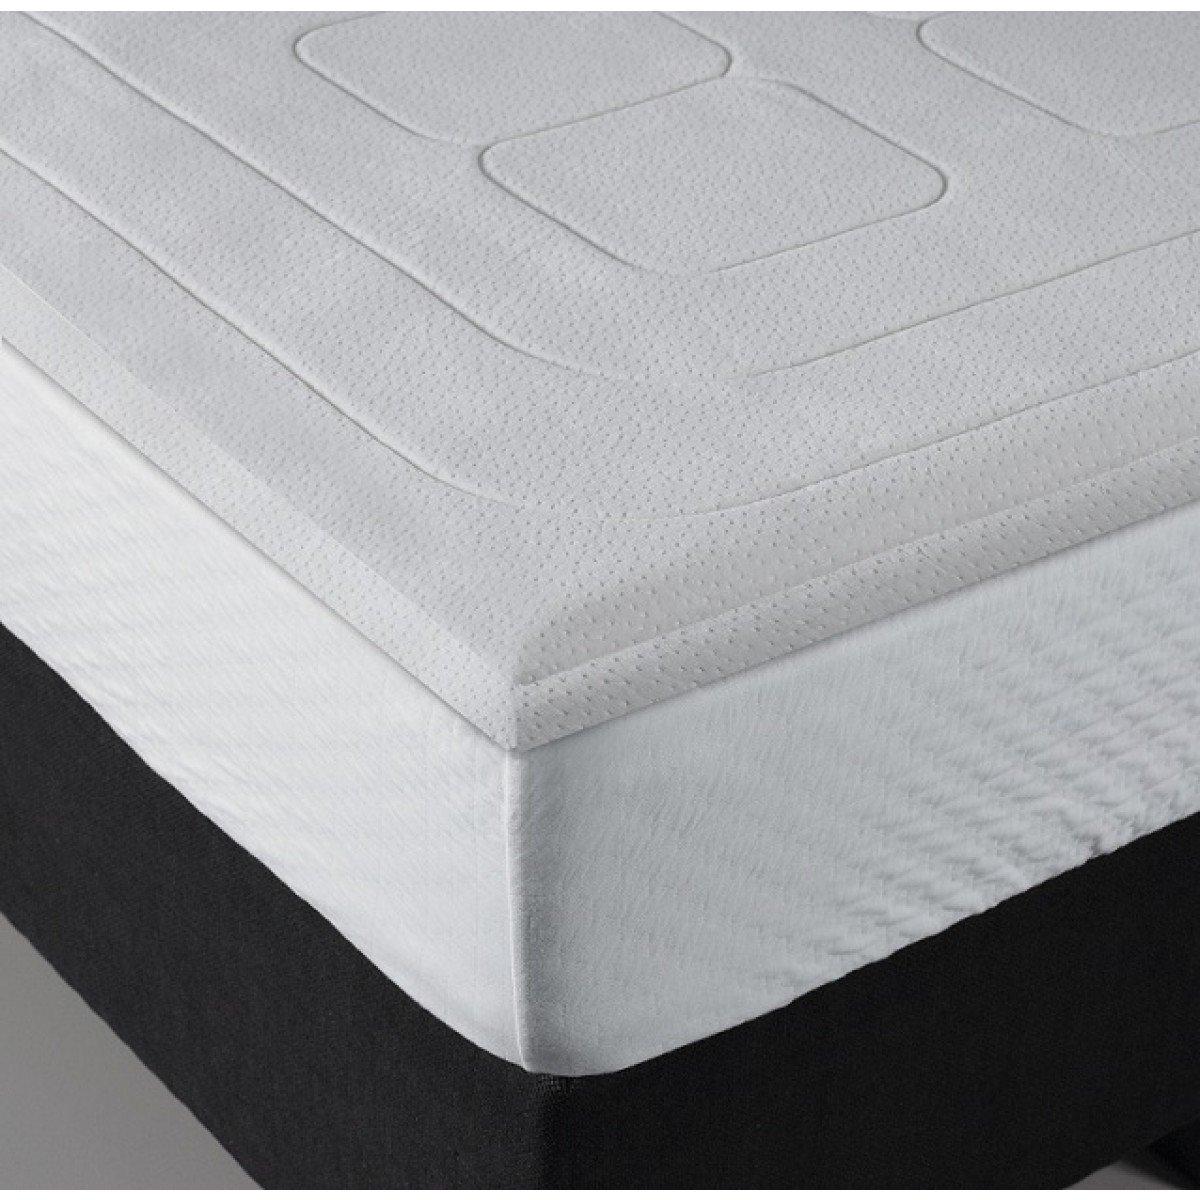 Surmatelas Bultex Confort M Moire De Forme 160×200 Amazon Fr